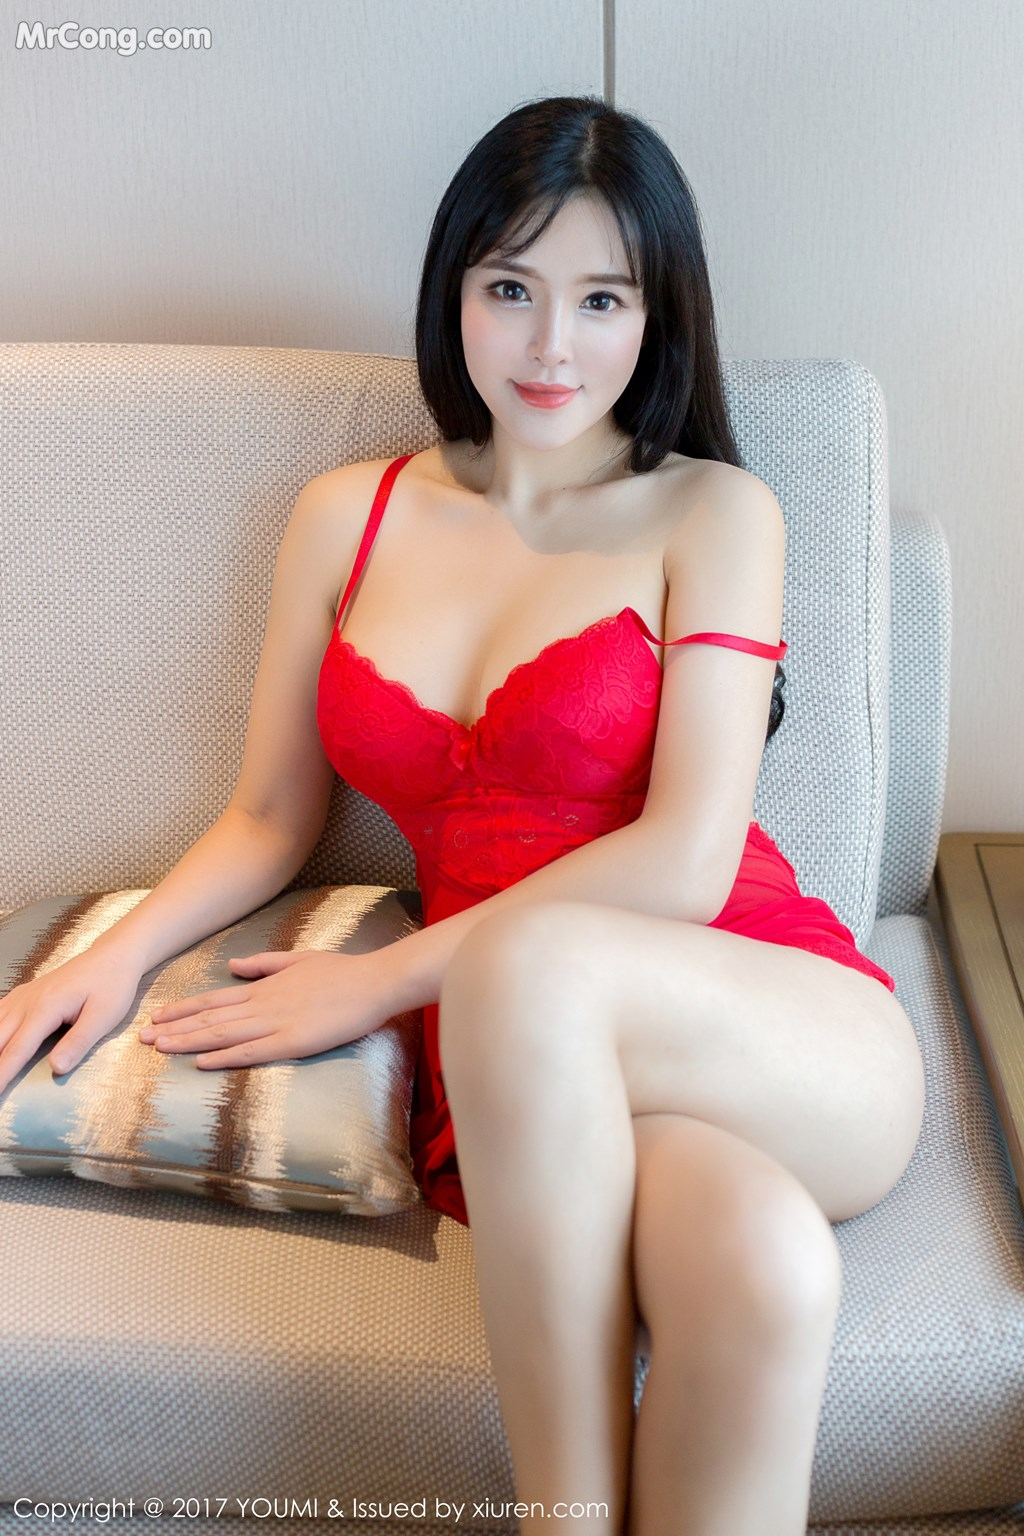 Image YouMi-Vol.064-Liu-Yu-Er-MrCong.com-011 in post YouMi Vol.064: Người mẫu Liu Yu Er (刘钰儿) (46 ảnh)